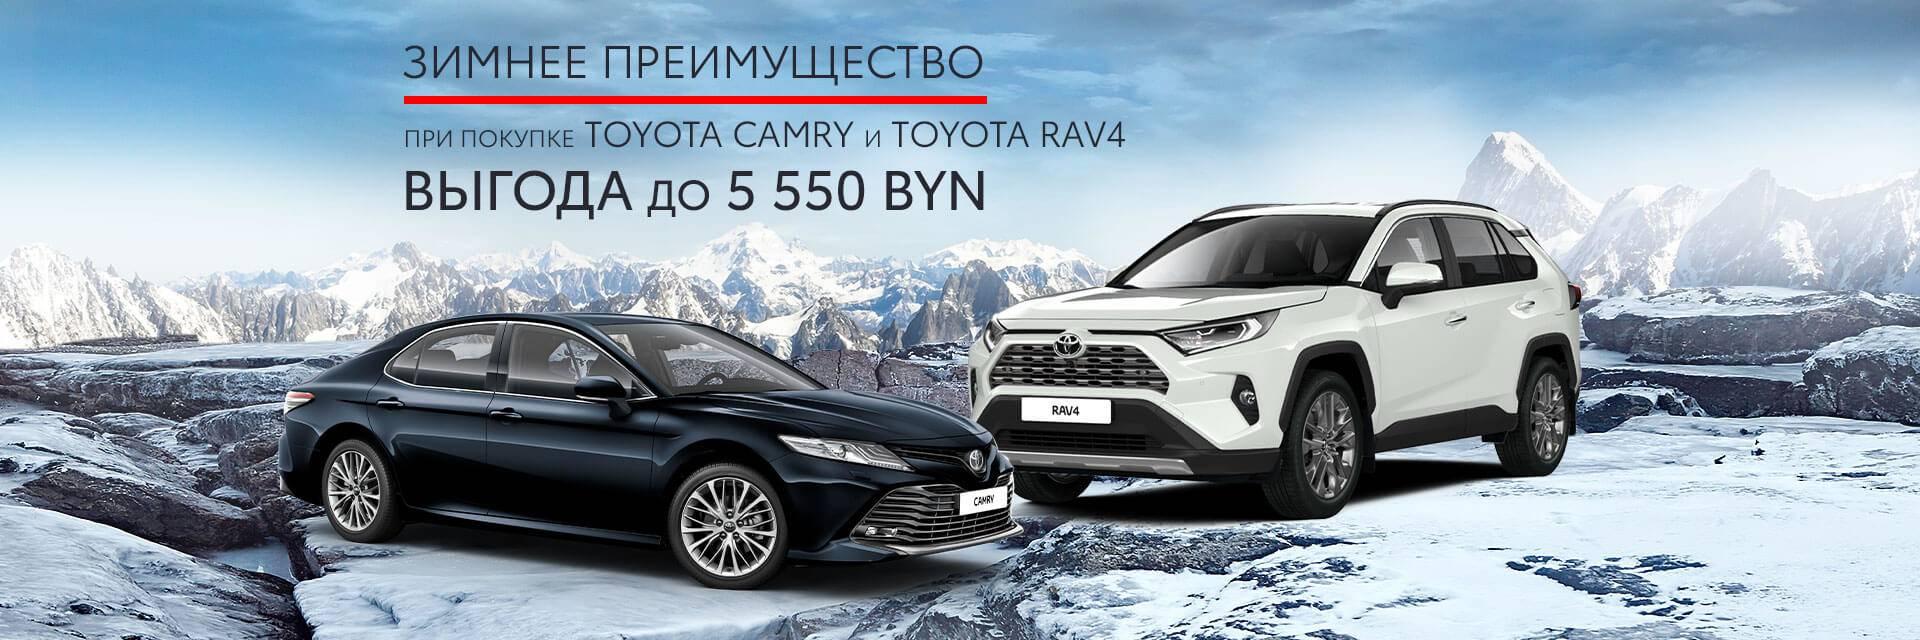 TOYOTA CAMRY И TOYOTA RAV4 С ВЫГОДОЙ ДО 6 600 BYN